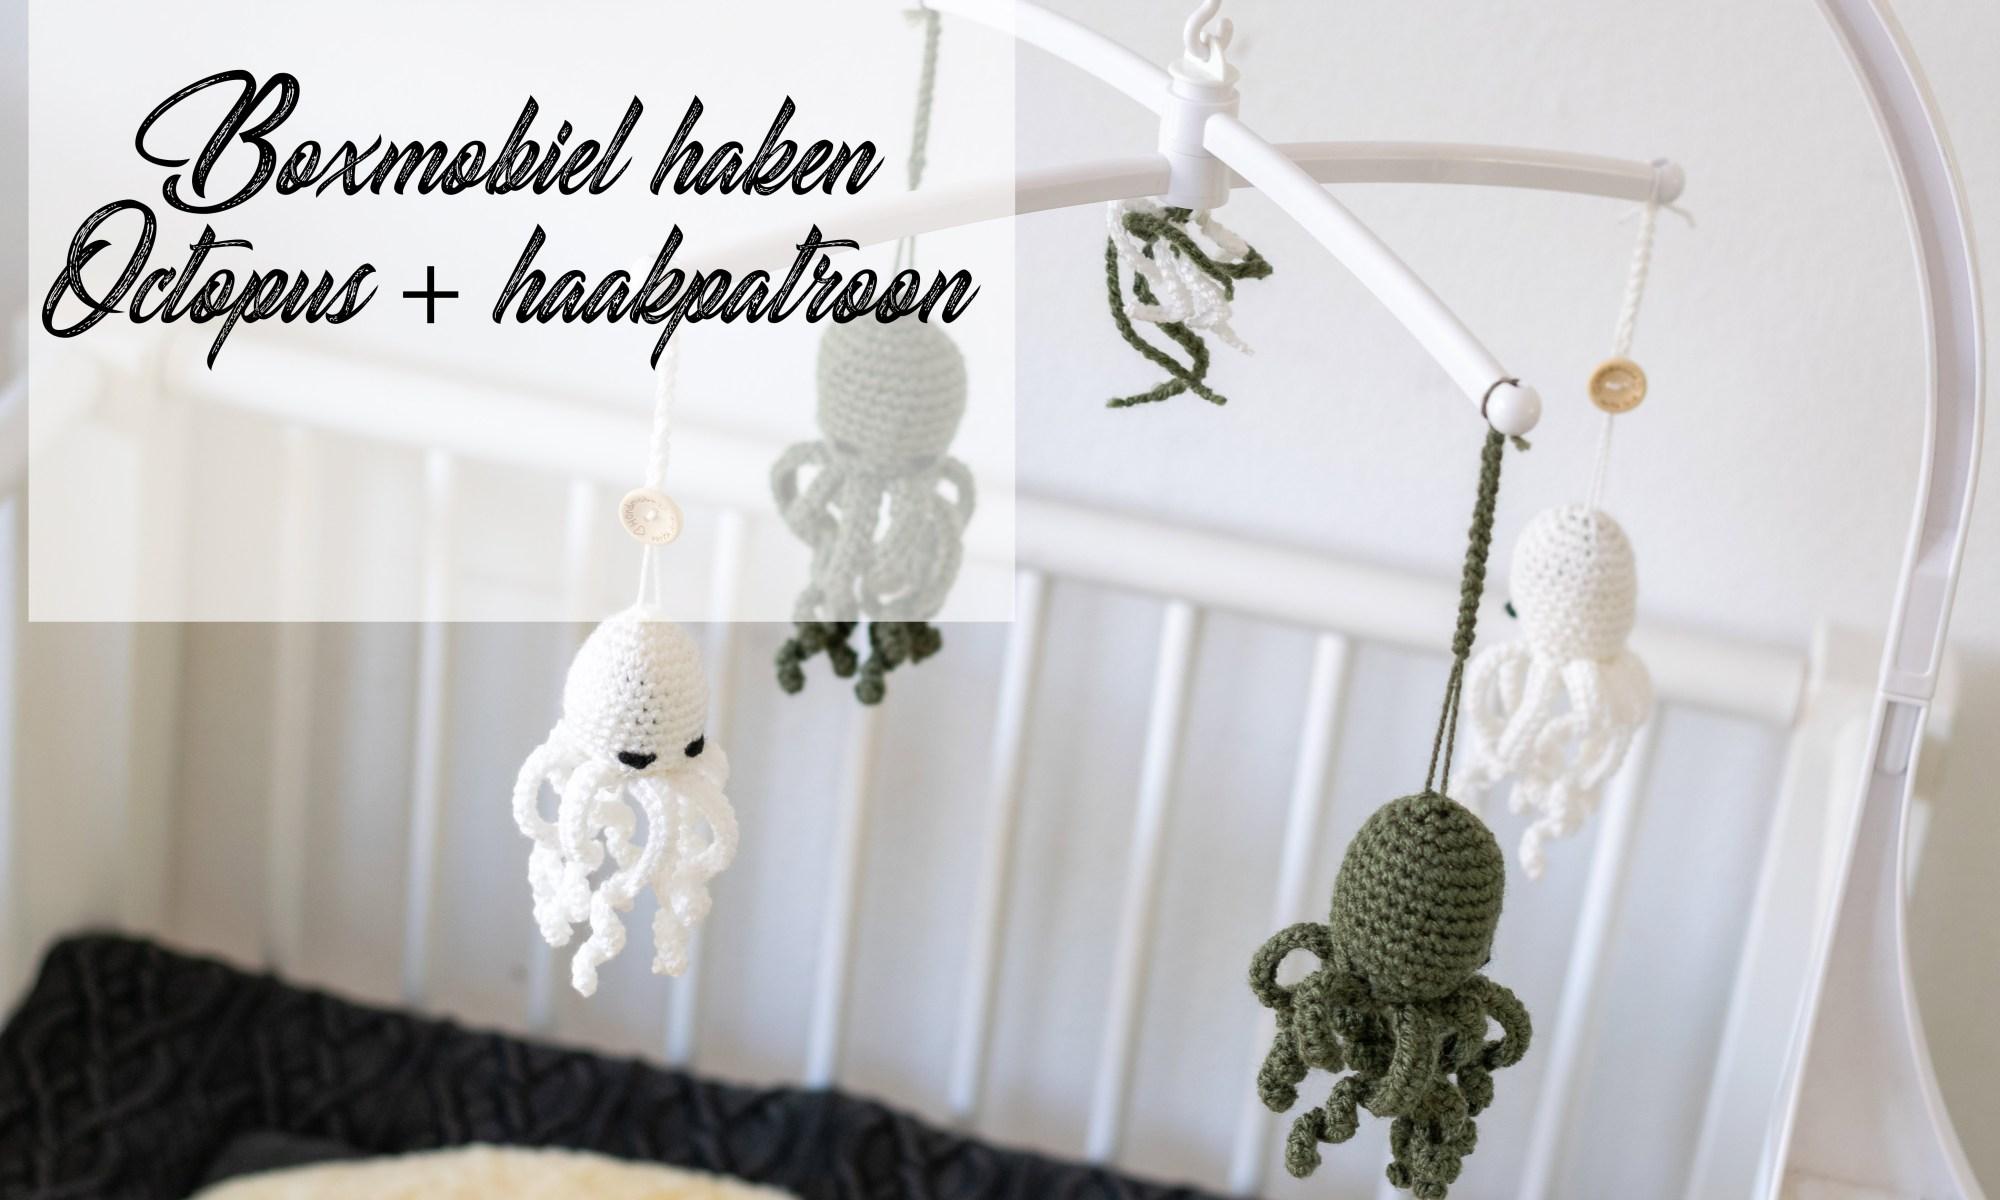 muziekmobiel Boxmobiel haken gehaakte moxmobiel patroon haakpatroon gratis haken gehaakte octopus gehaakte inktvis DIY mama blog baby zwangerschap www.liefkleinwonder.nl